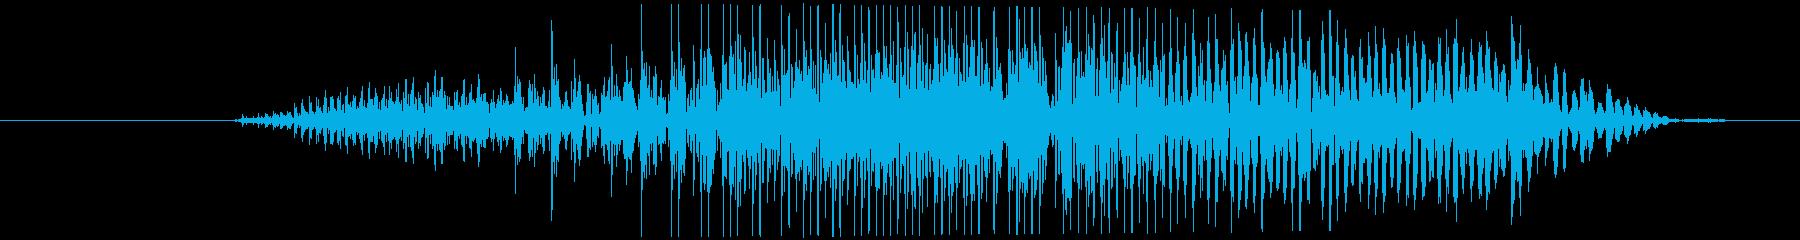 鳴き声 男性の痛みを伴う叫び09の再生済みの波形